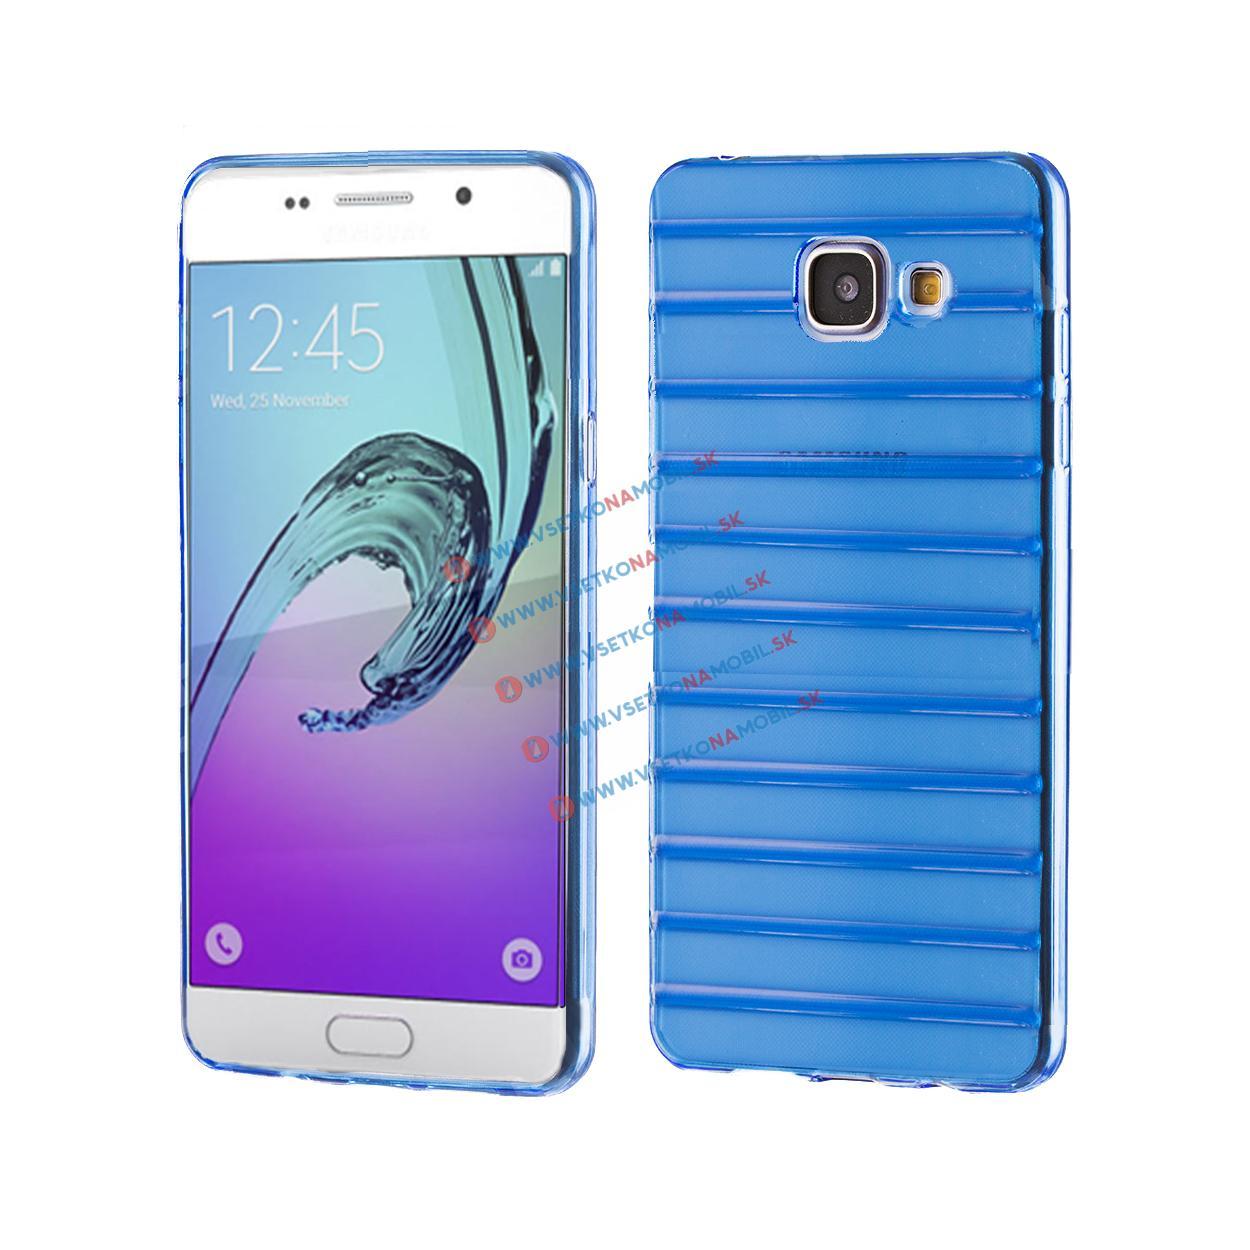 FORCELL Silikónový obal Samsung Galaxy A5 2016 modrý STRIPES